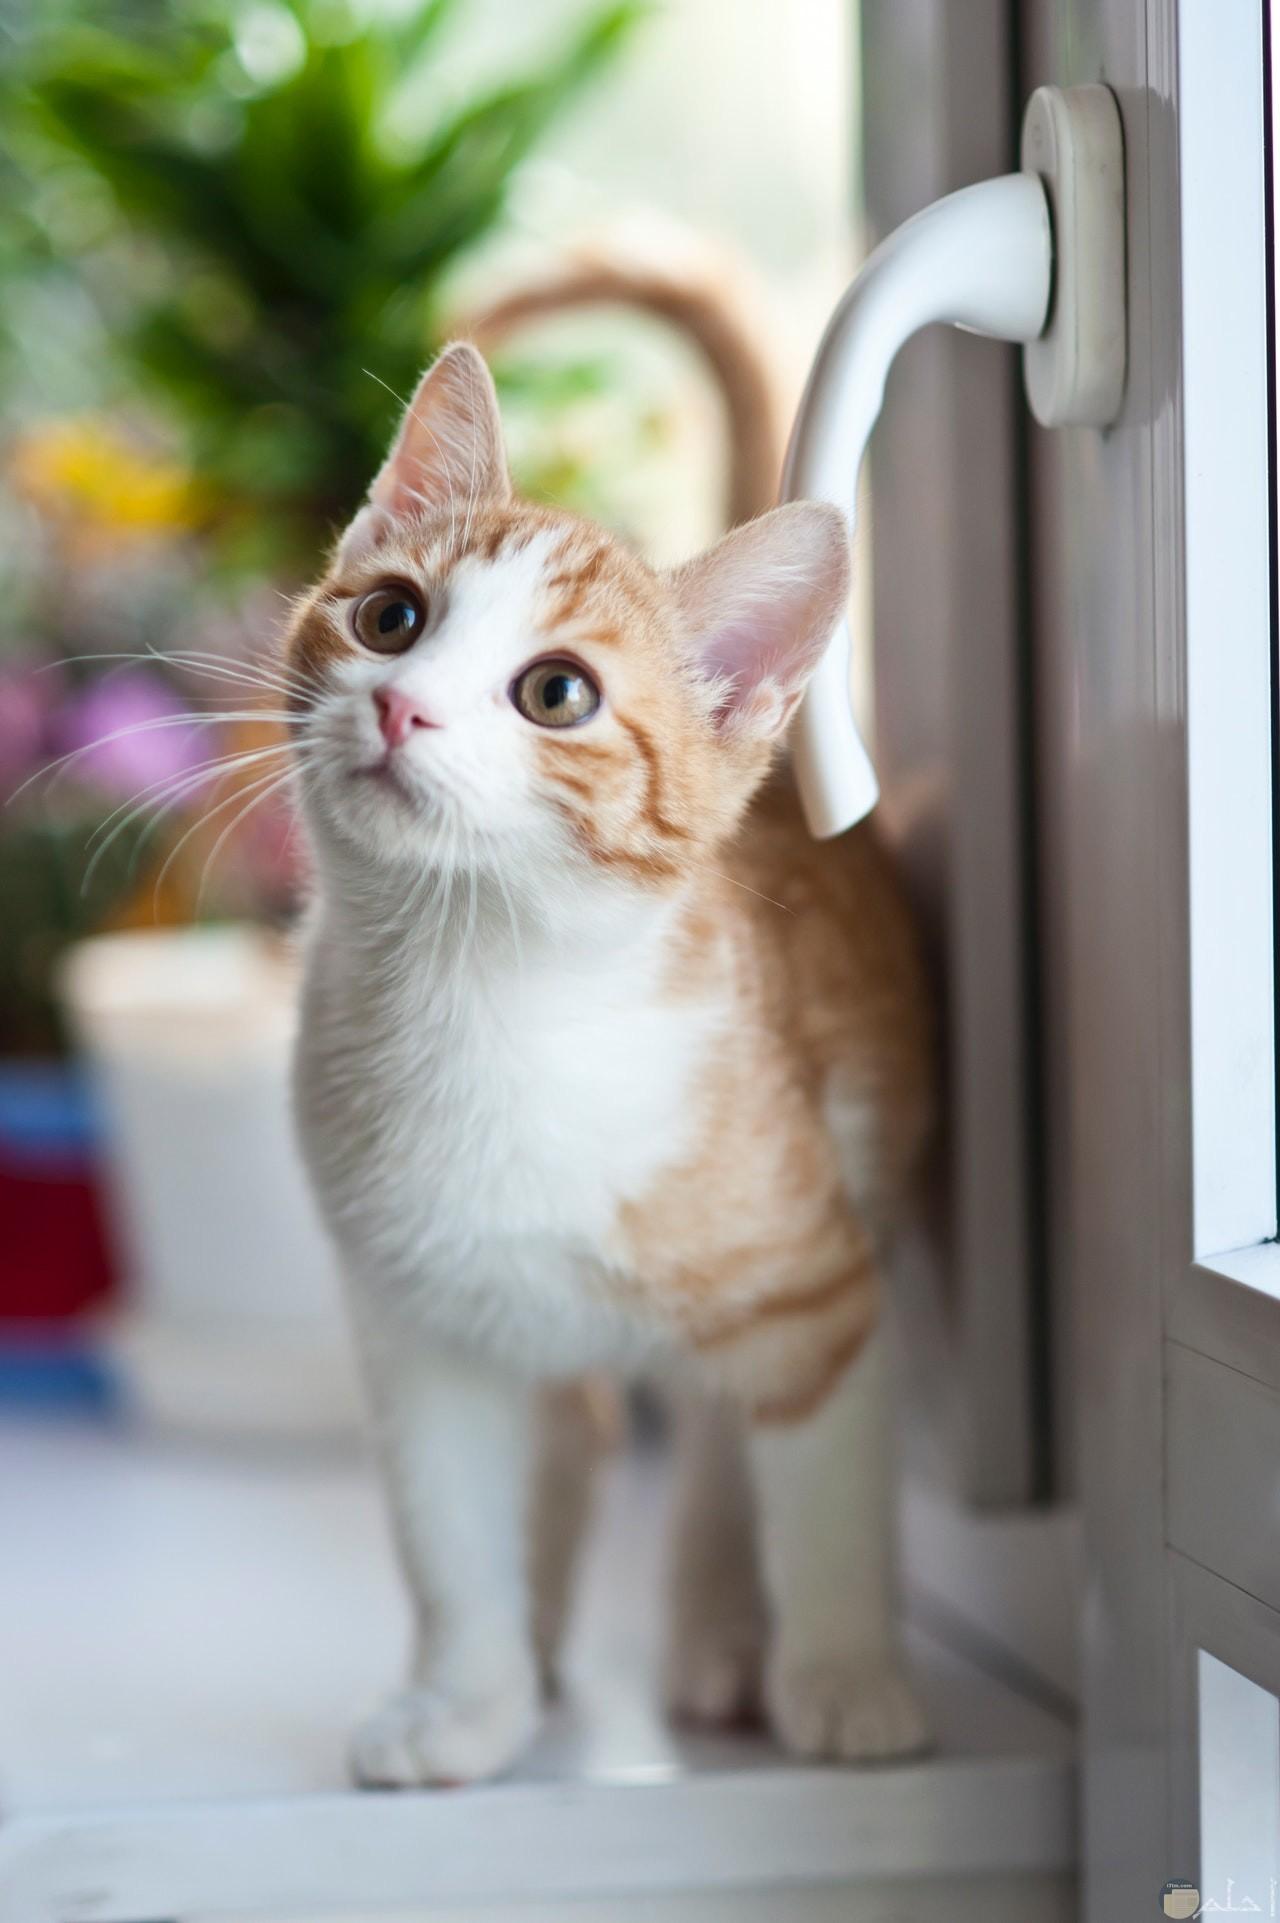 صور انواع قطط مختلفة ومعلومات عن حياة القطط 16